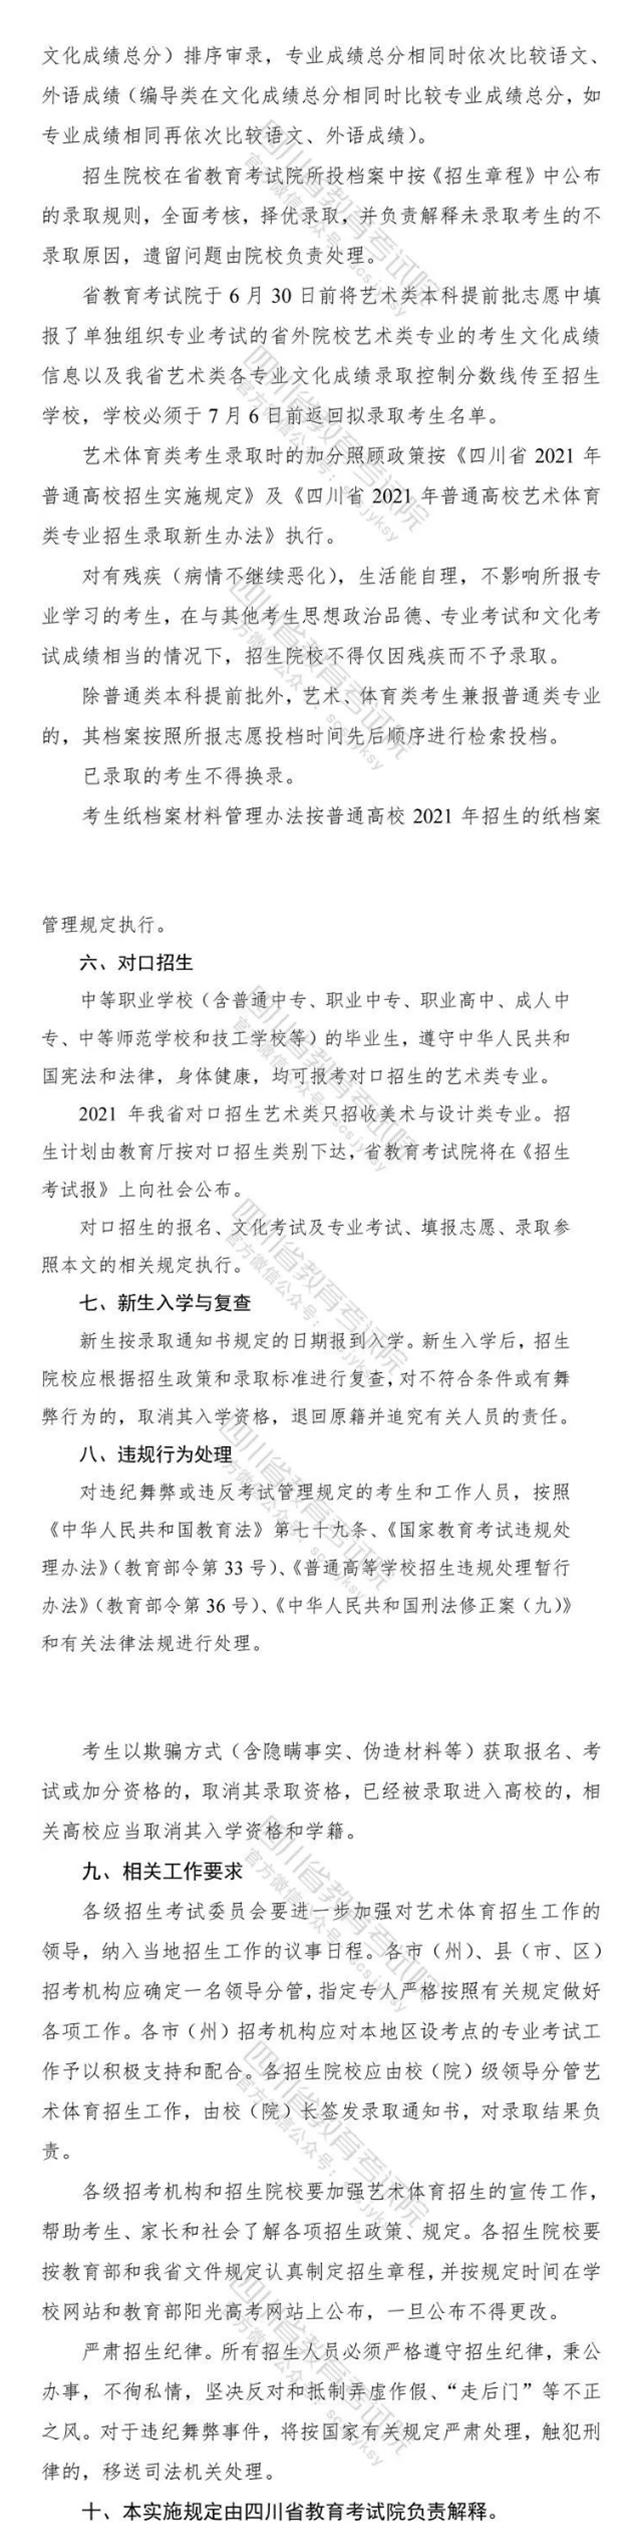 2021年四川普通高等学校艺术体育类专业招生工作实施规定出炉!